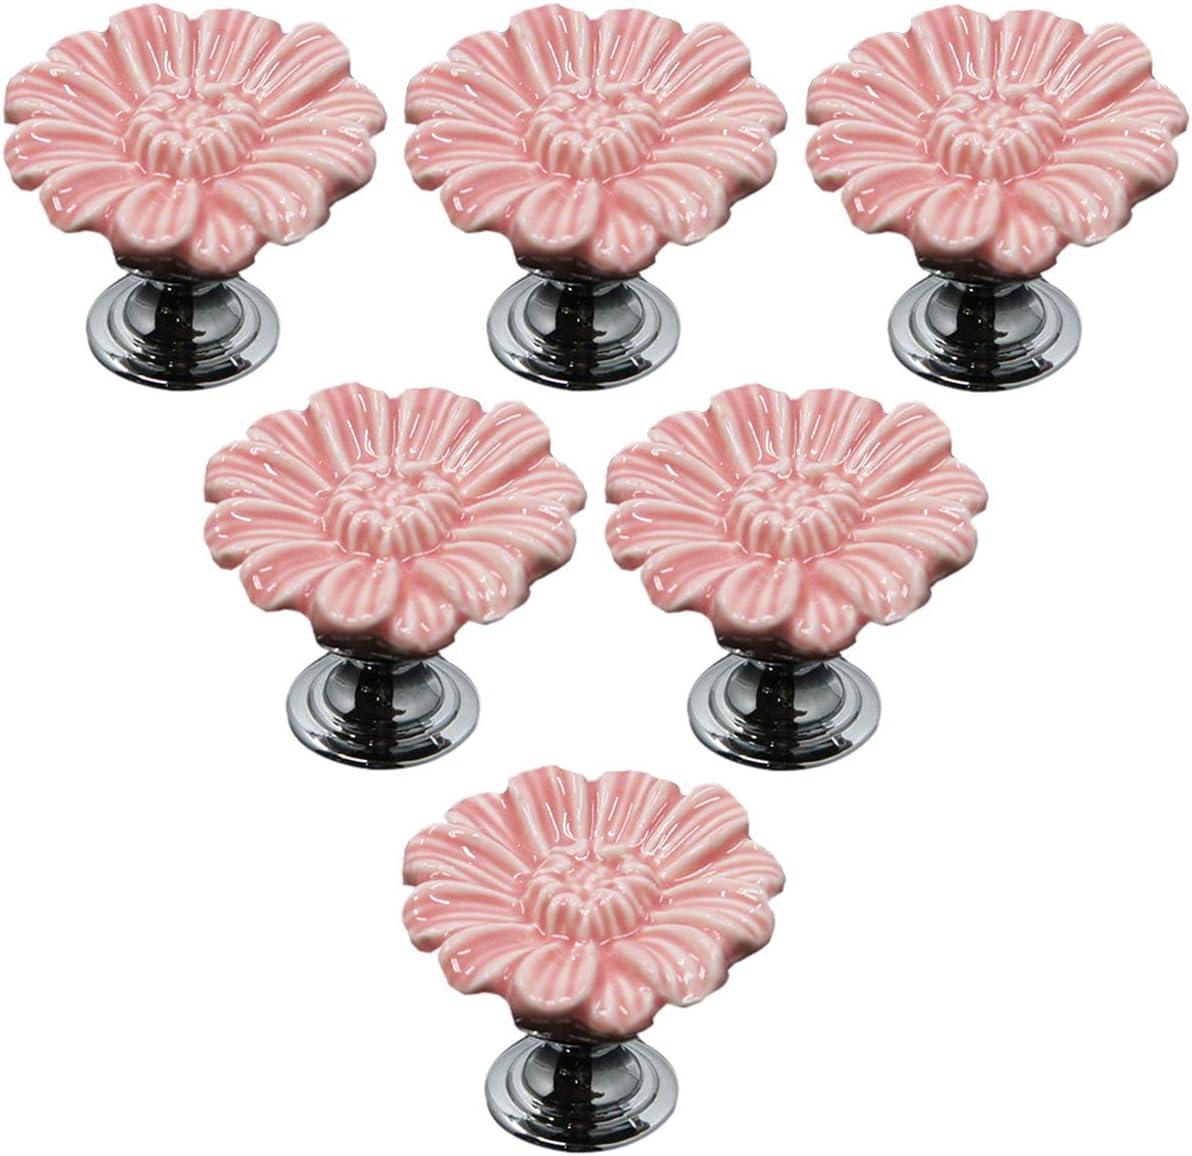 Flower Glass Cabochons Knobsillustration Cabinet Dresser Knobs pullDresser KnobsCabinet Pull handles Cabinet Knobs Furniture Hardware